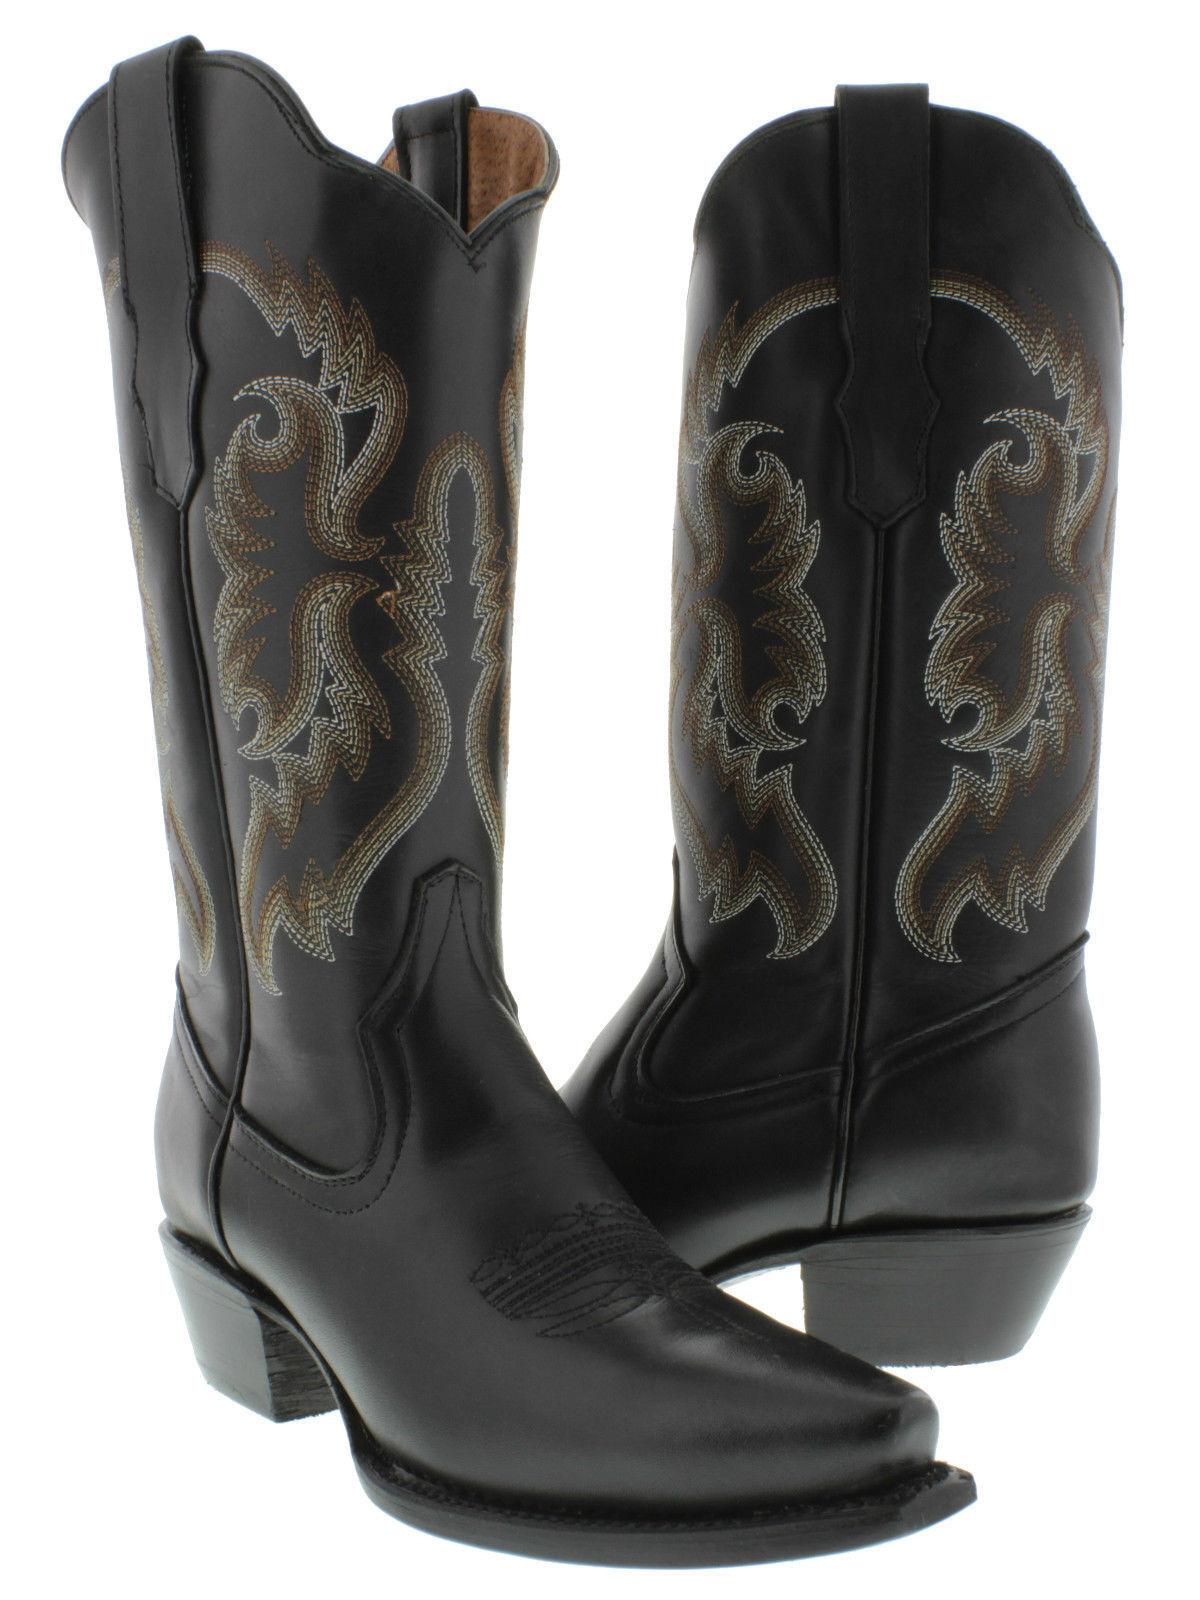 Senza tasse donna nero Classic Style Style Style Western Cowboy stivali Casual Plain Leather  autorizzazione